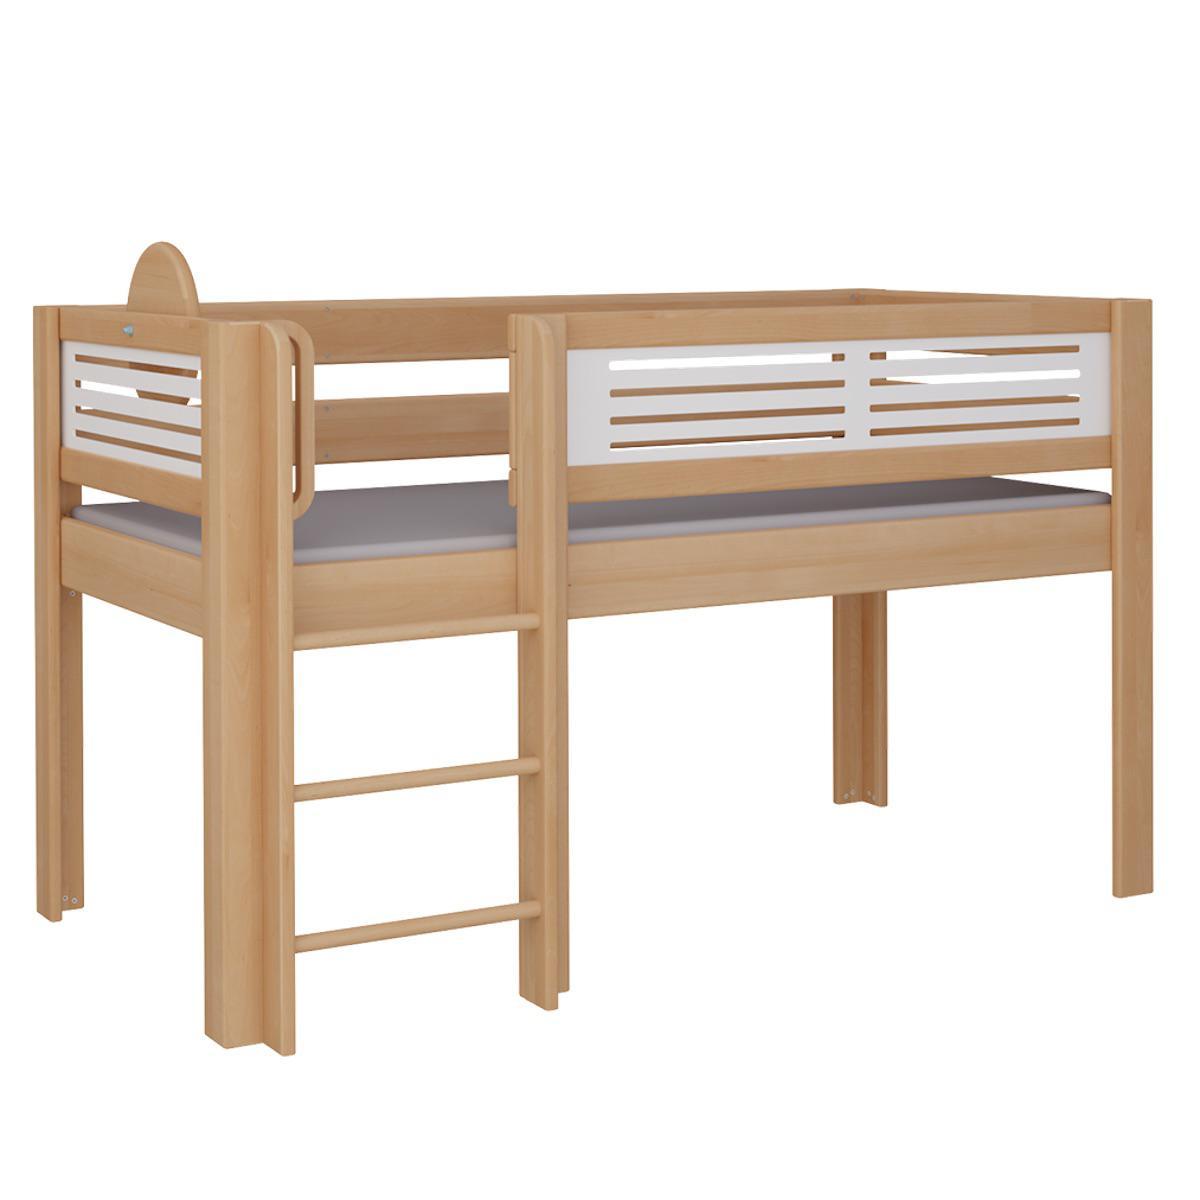 Tatü halbhohes Bett mit Leiter DELUXE De Breuyn natur geölt Füllungen weiß